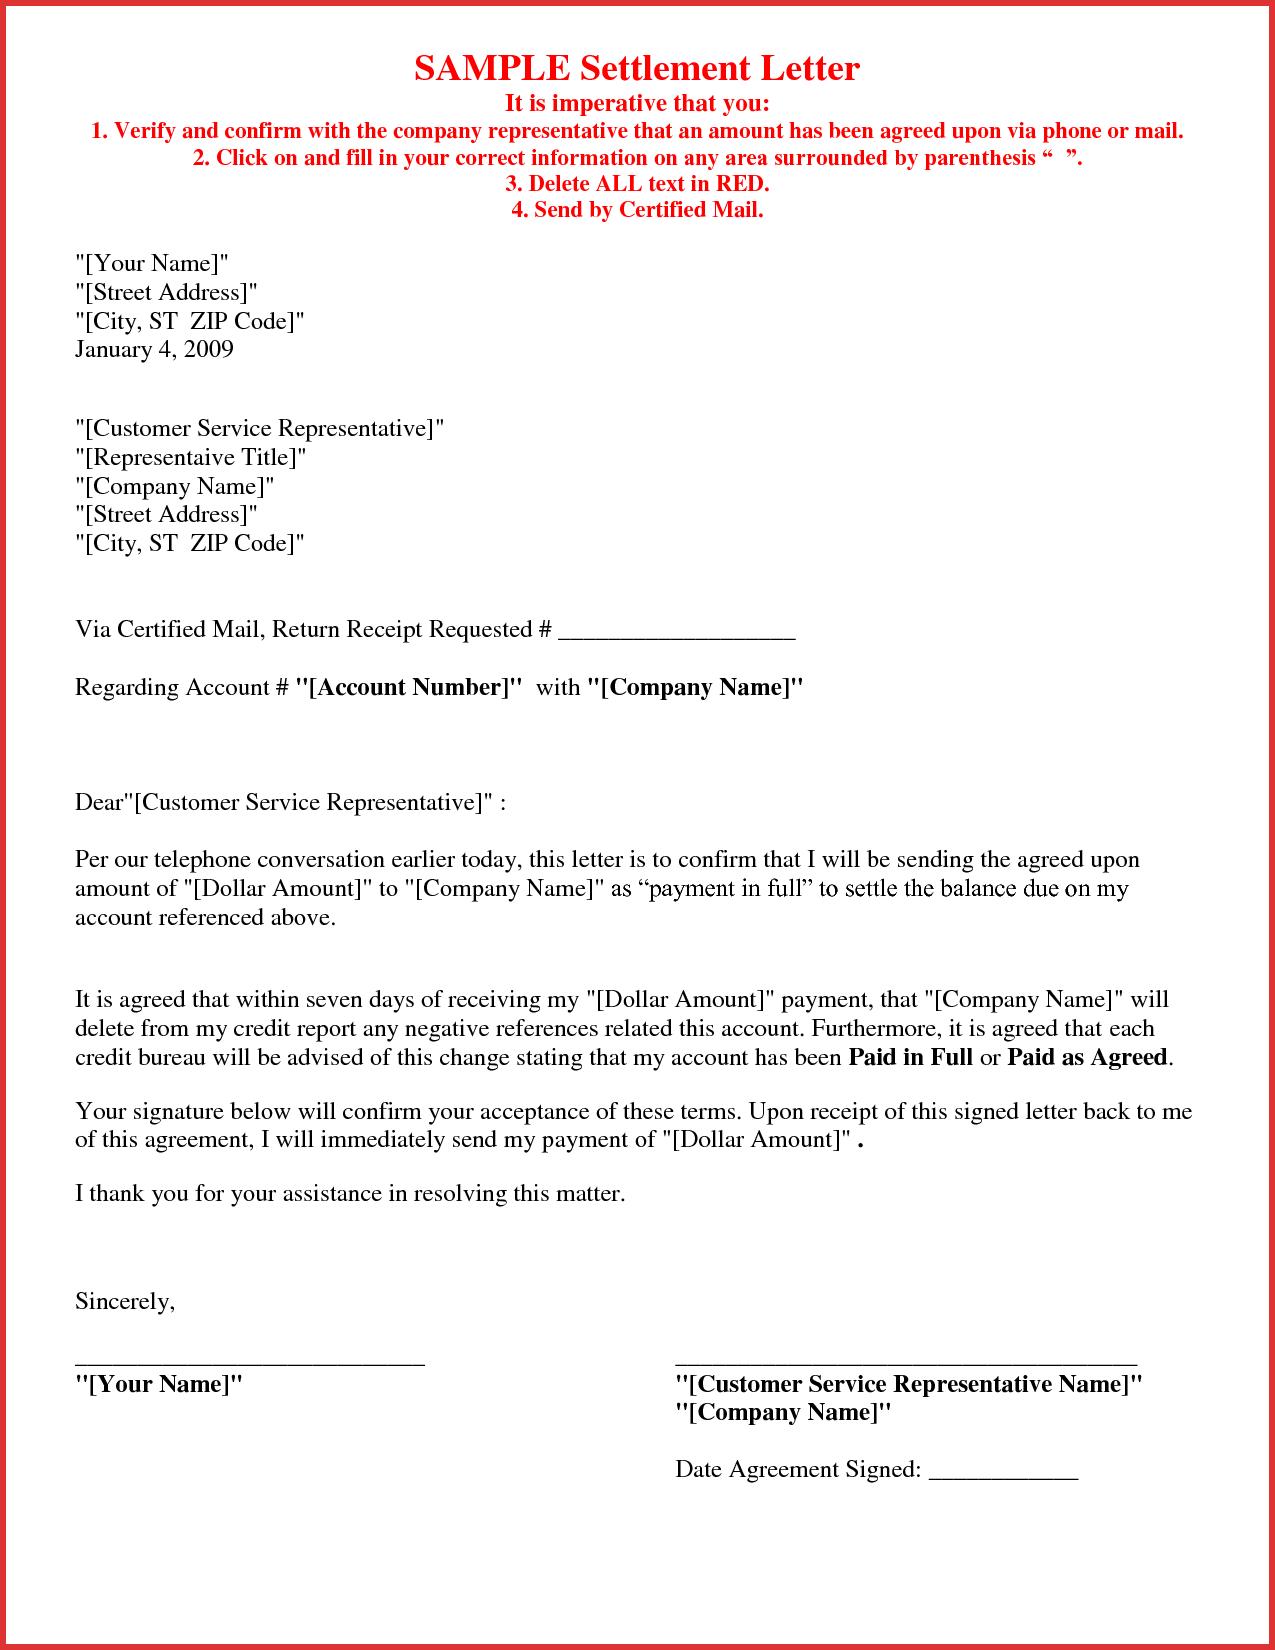 Debt Settlement Agreement Letter Template - How to Write A Settlement Letter Letter format formal Sample